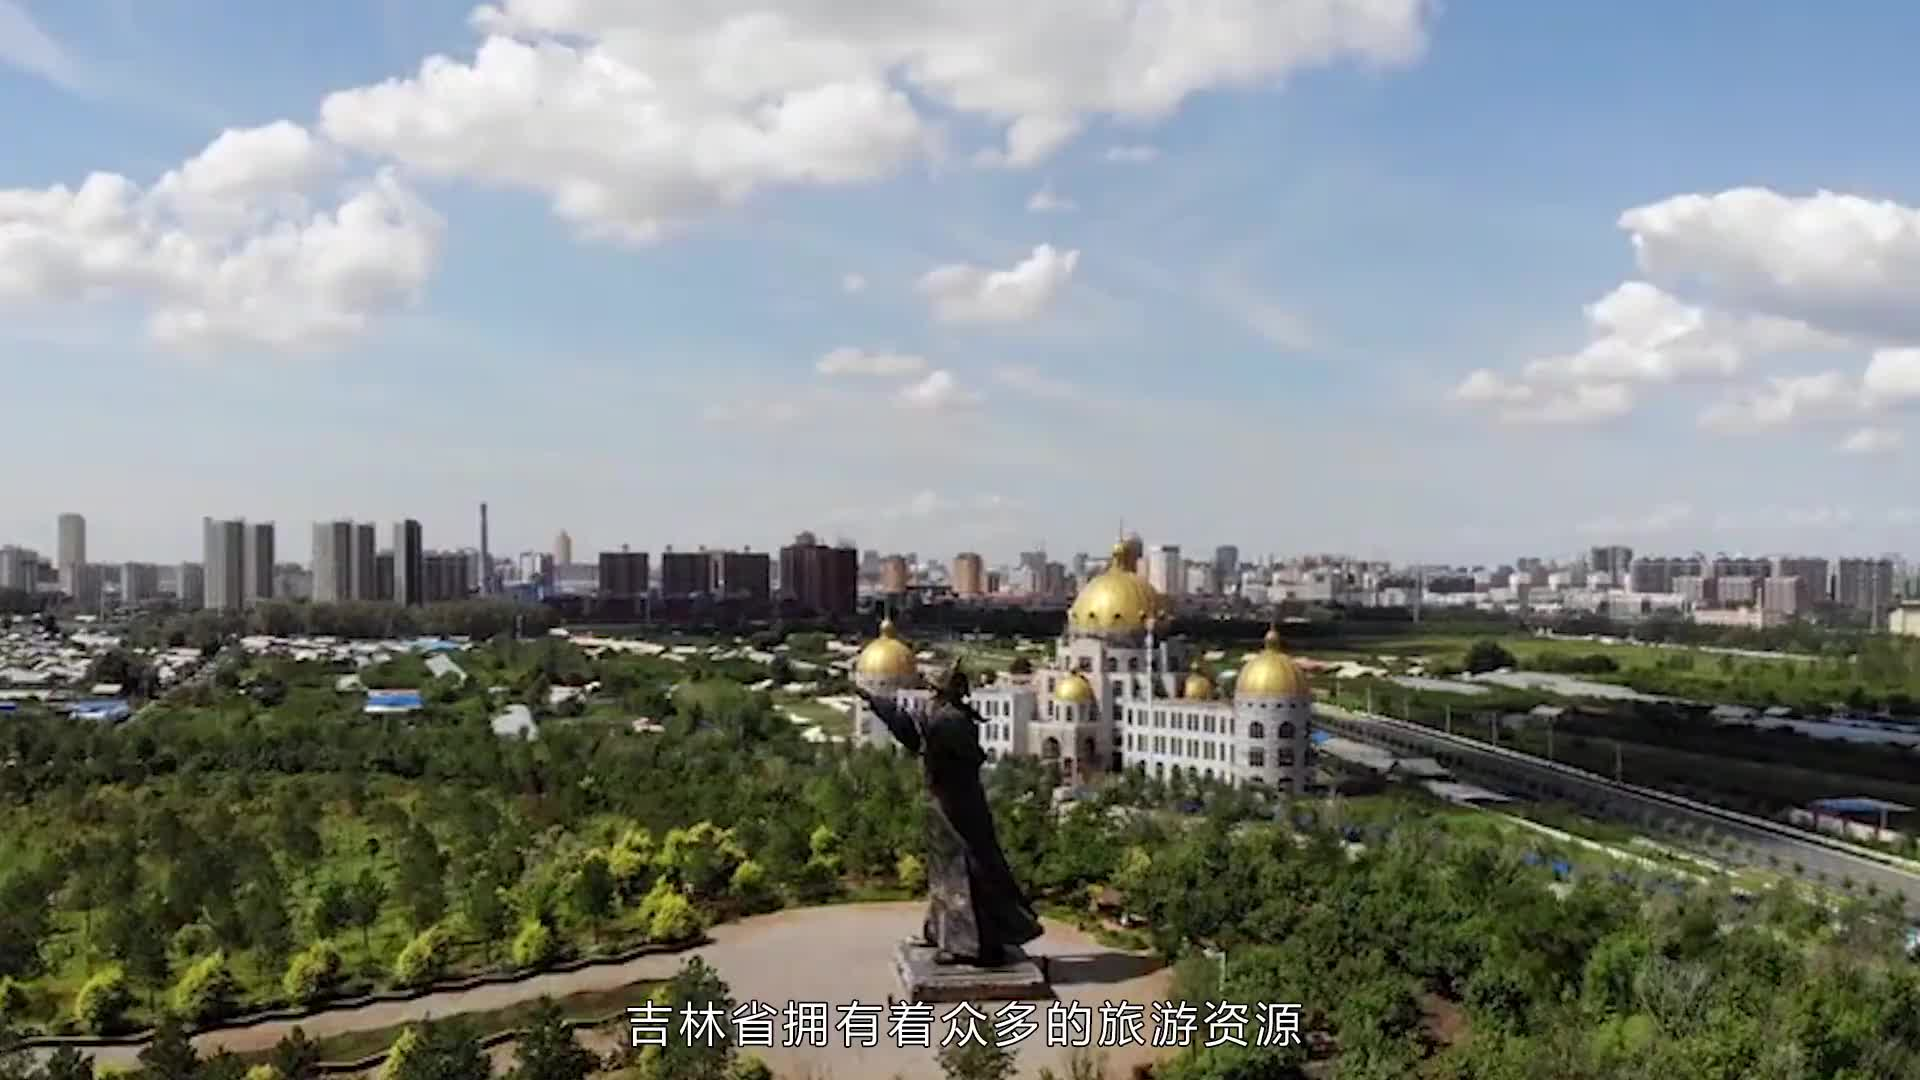 """吉林有个""""小故宫""""拥有300多年历史,还与查尔干湖齐名"""